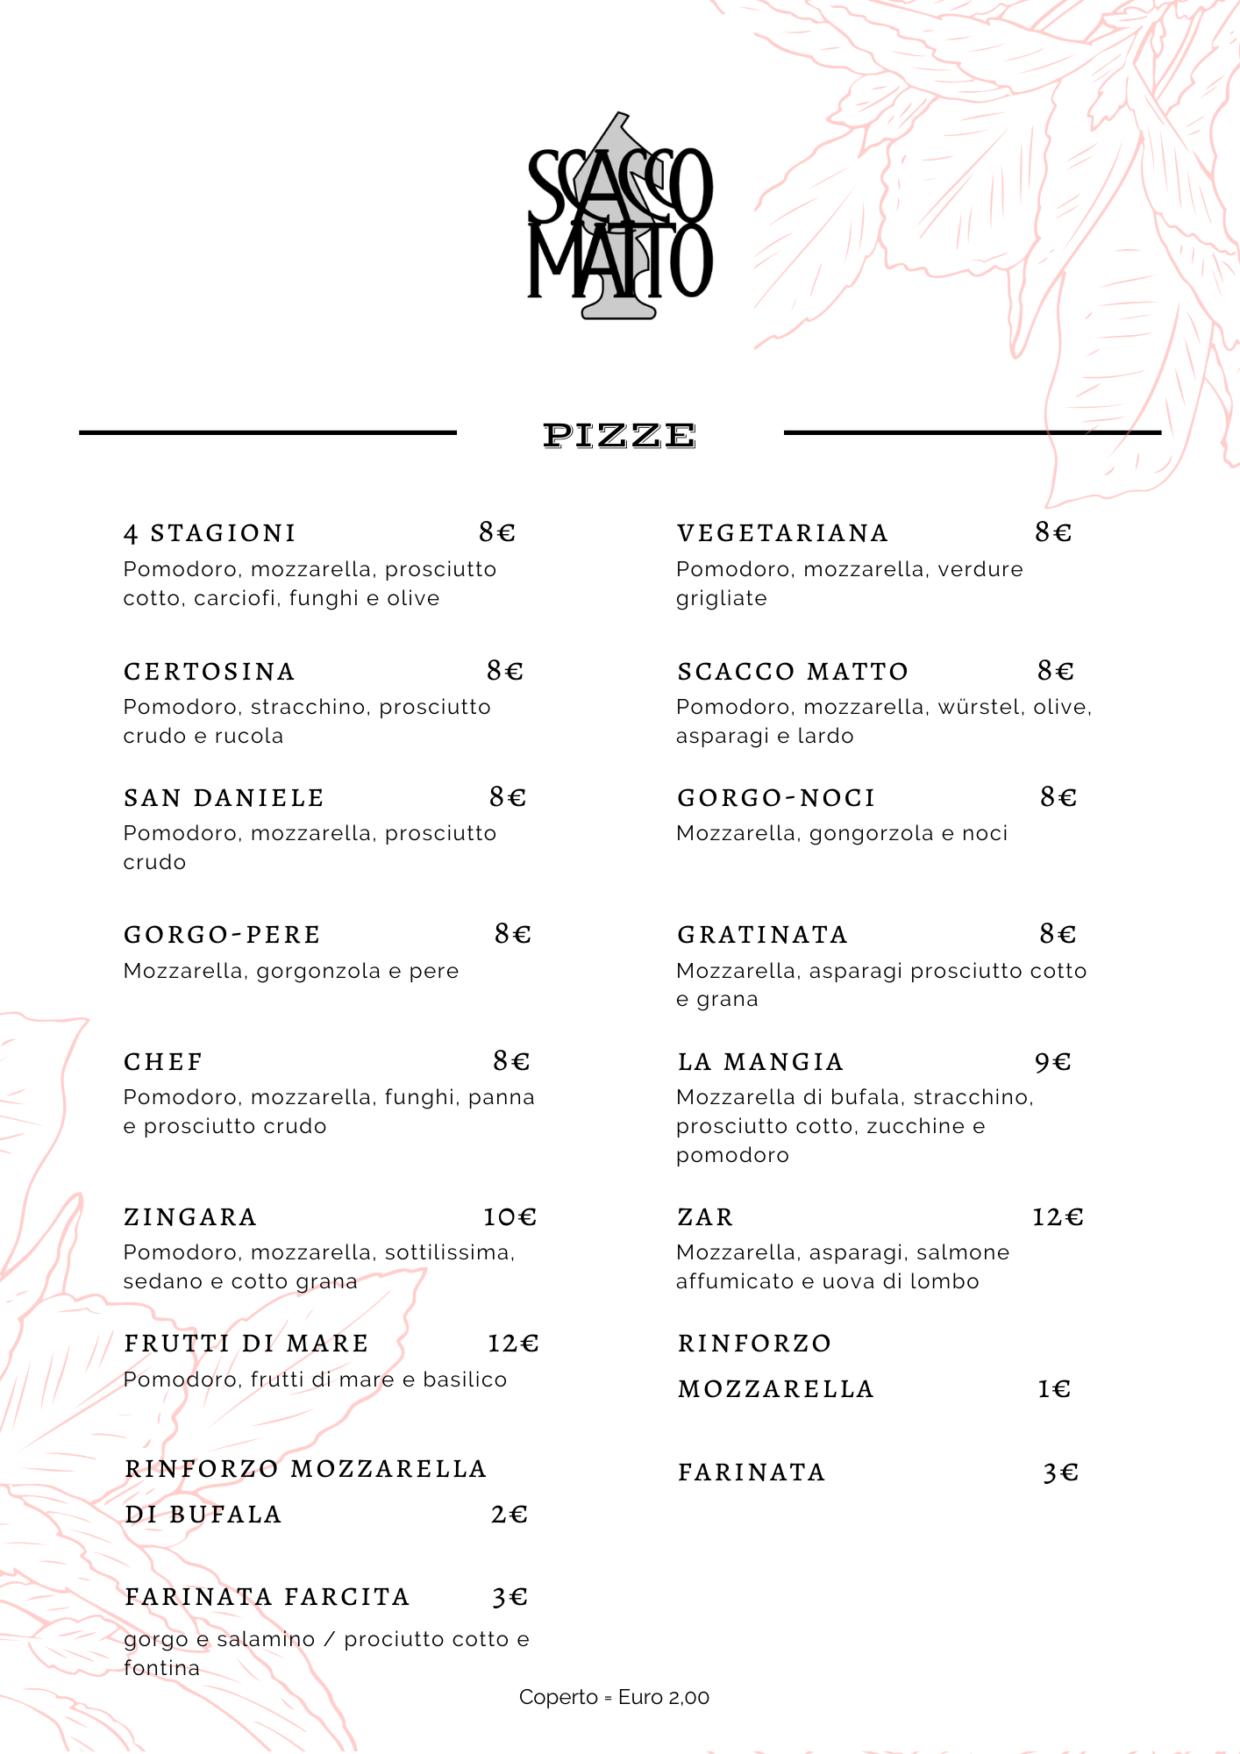 Ristorante Pizzeria Scacco Matto Torino